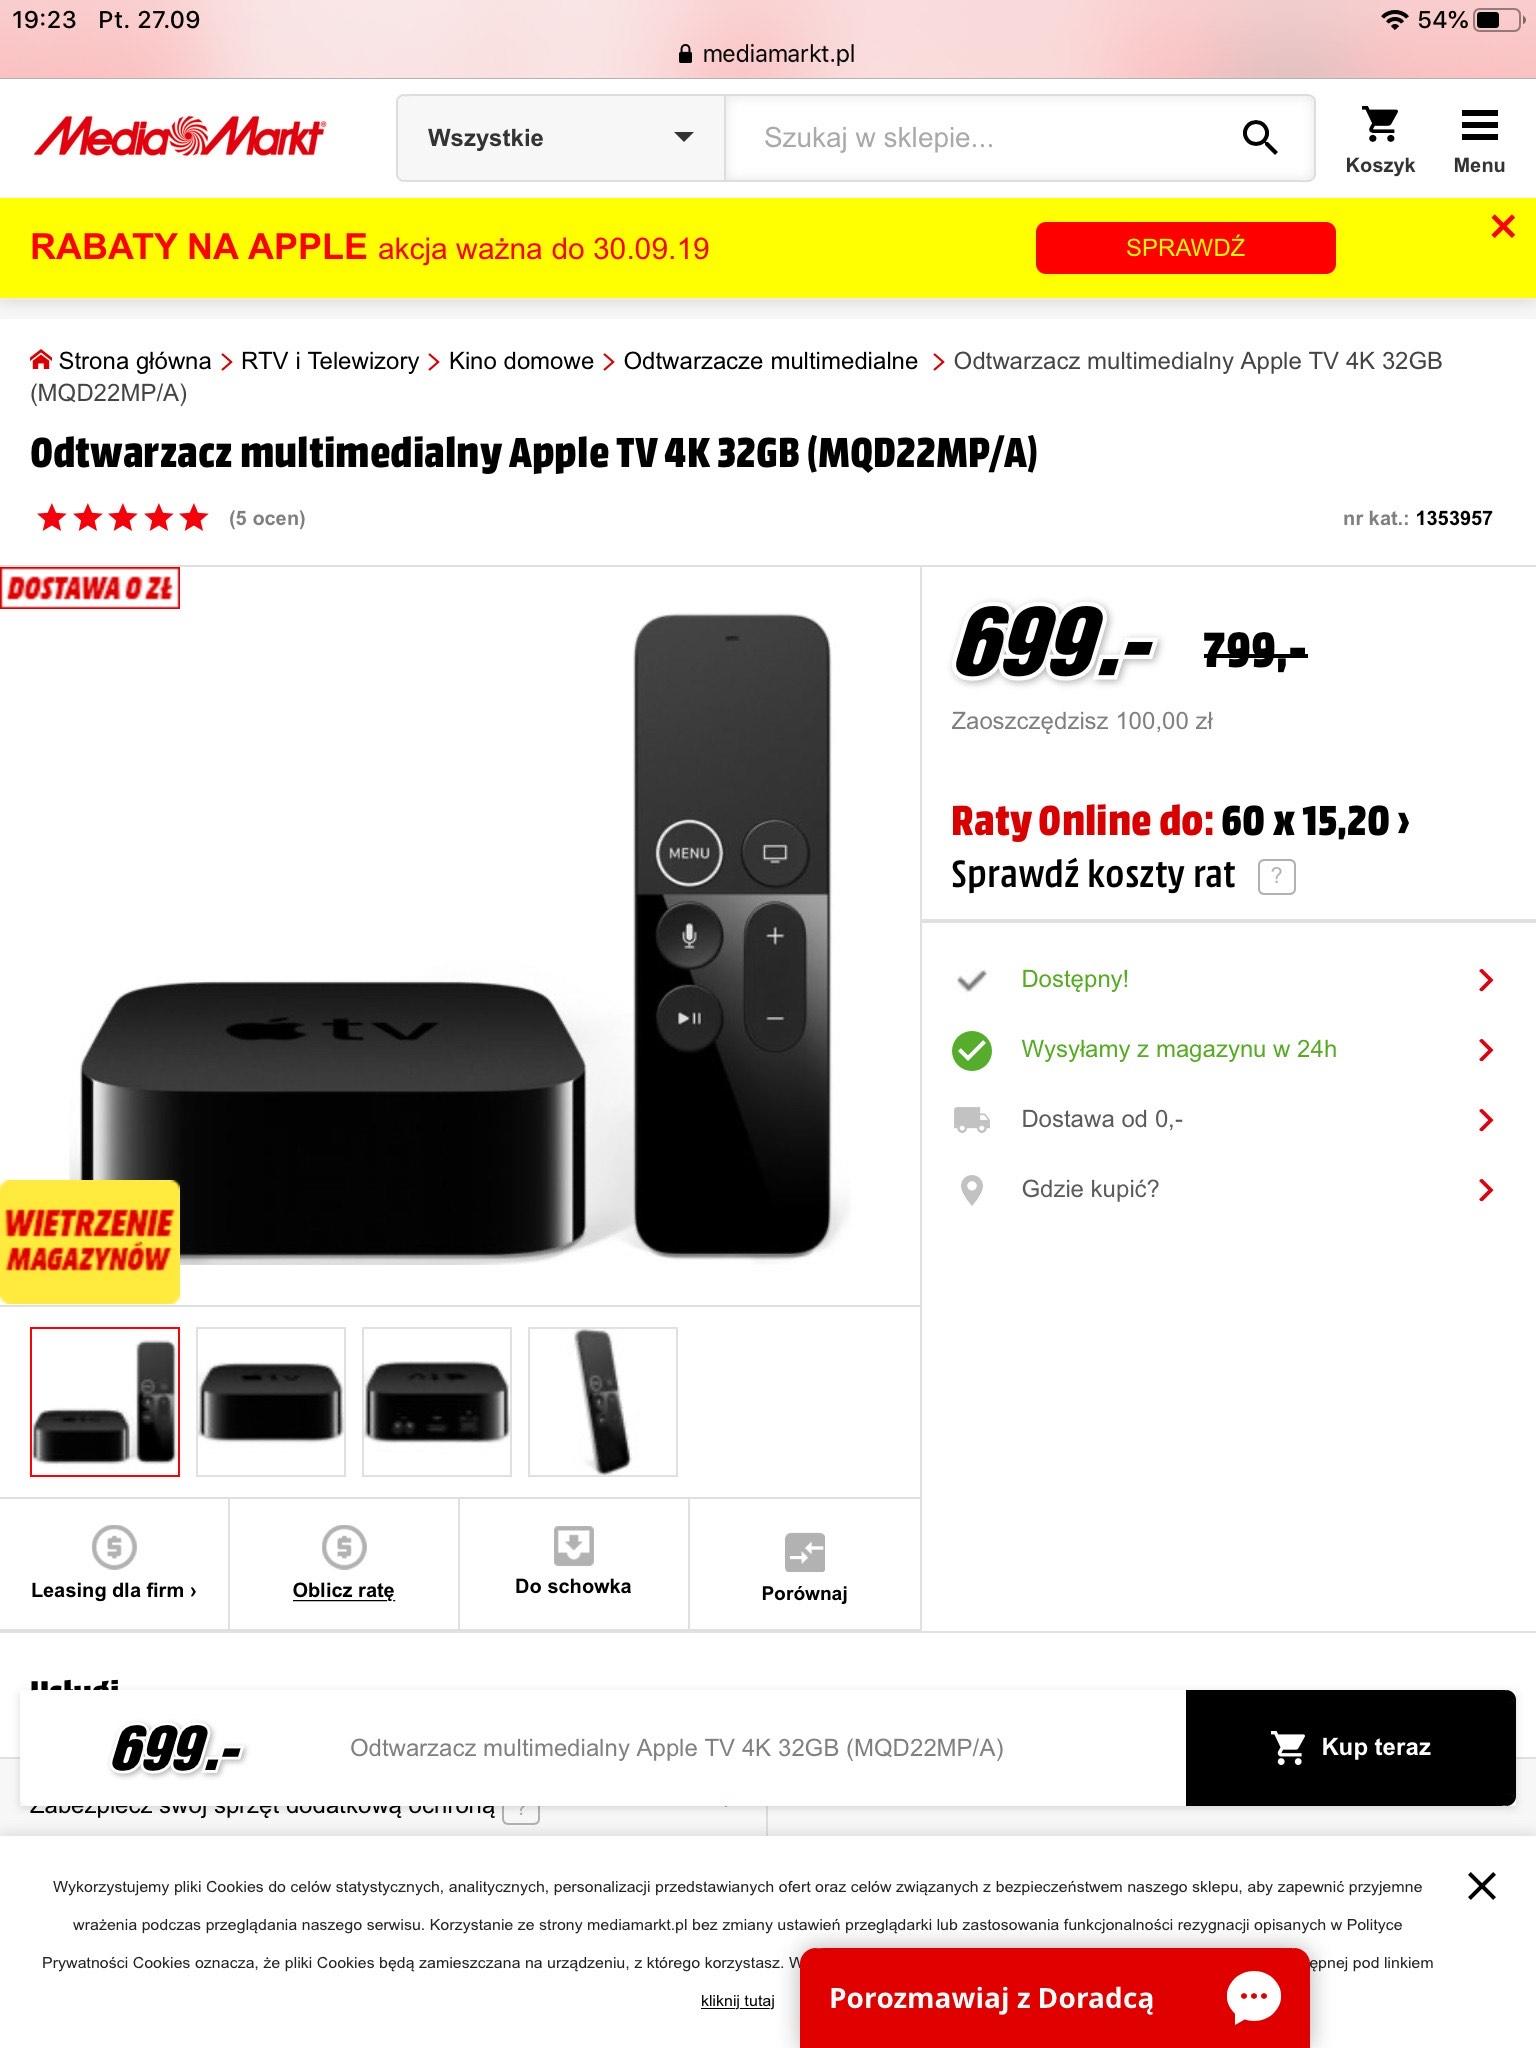 Apple TV 4K 32Gb @mediamarkt